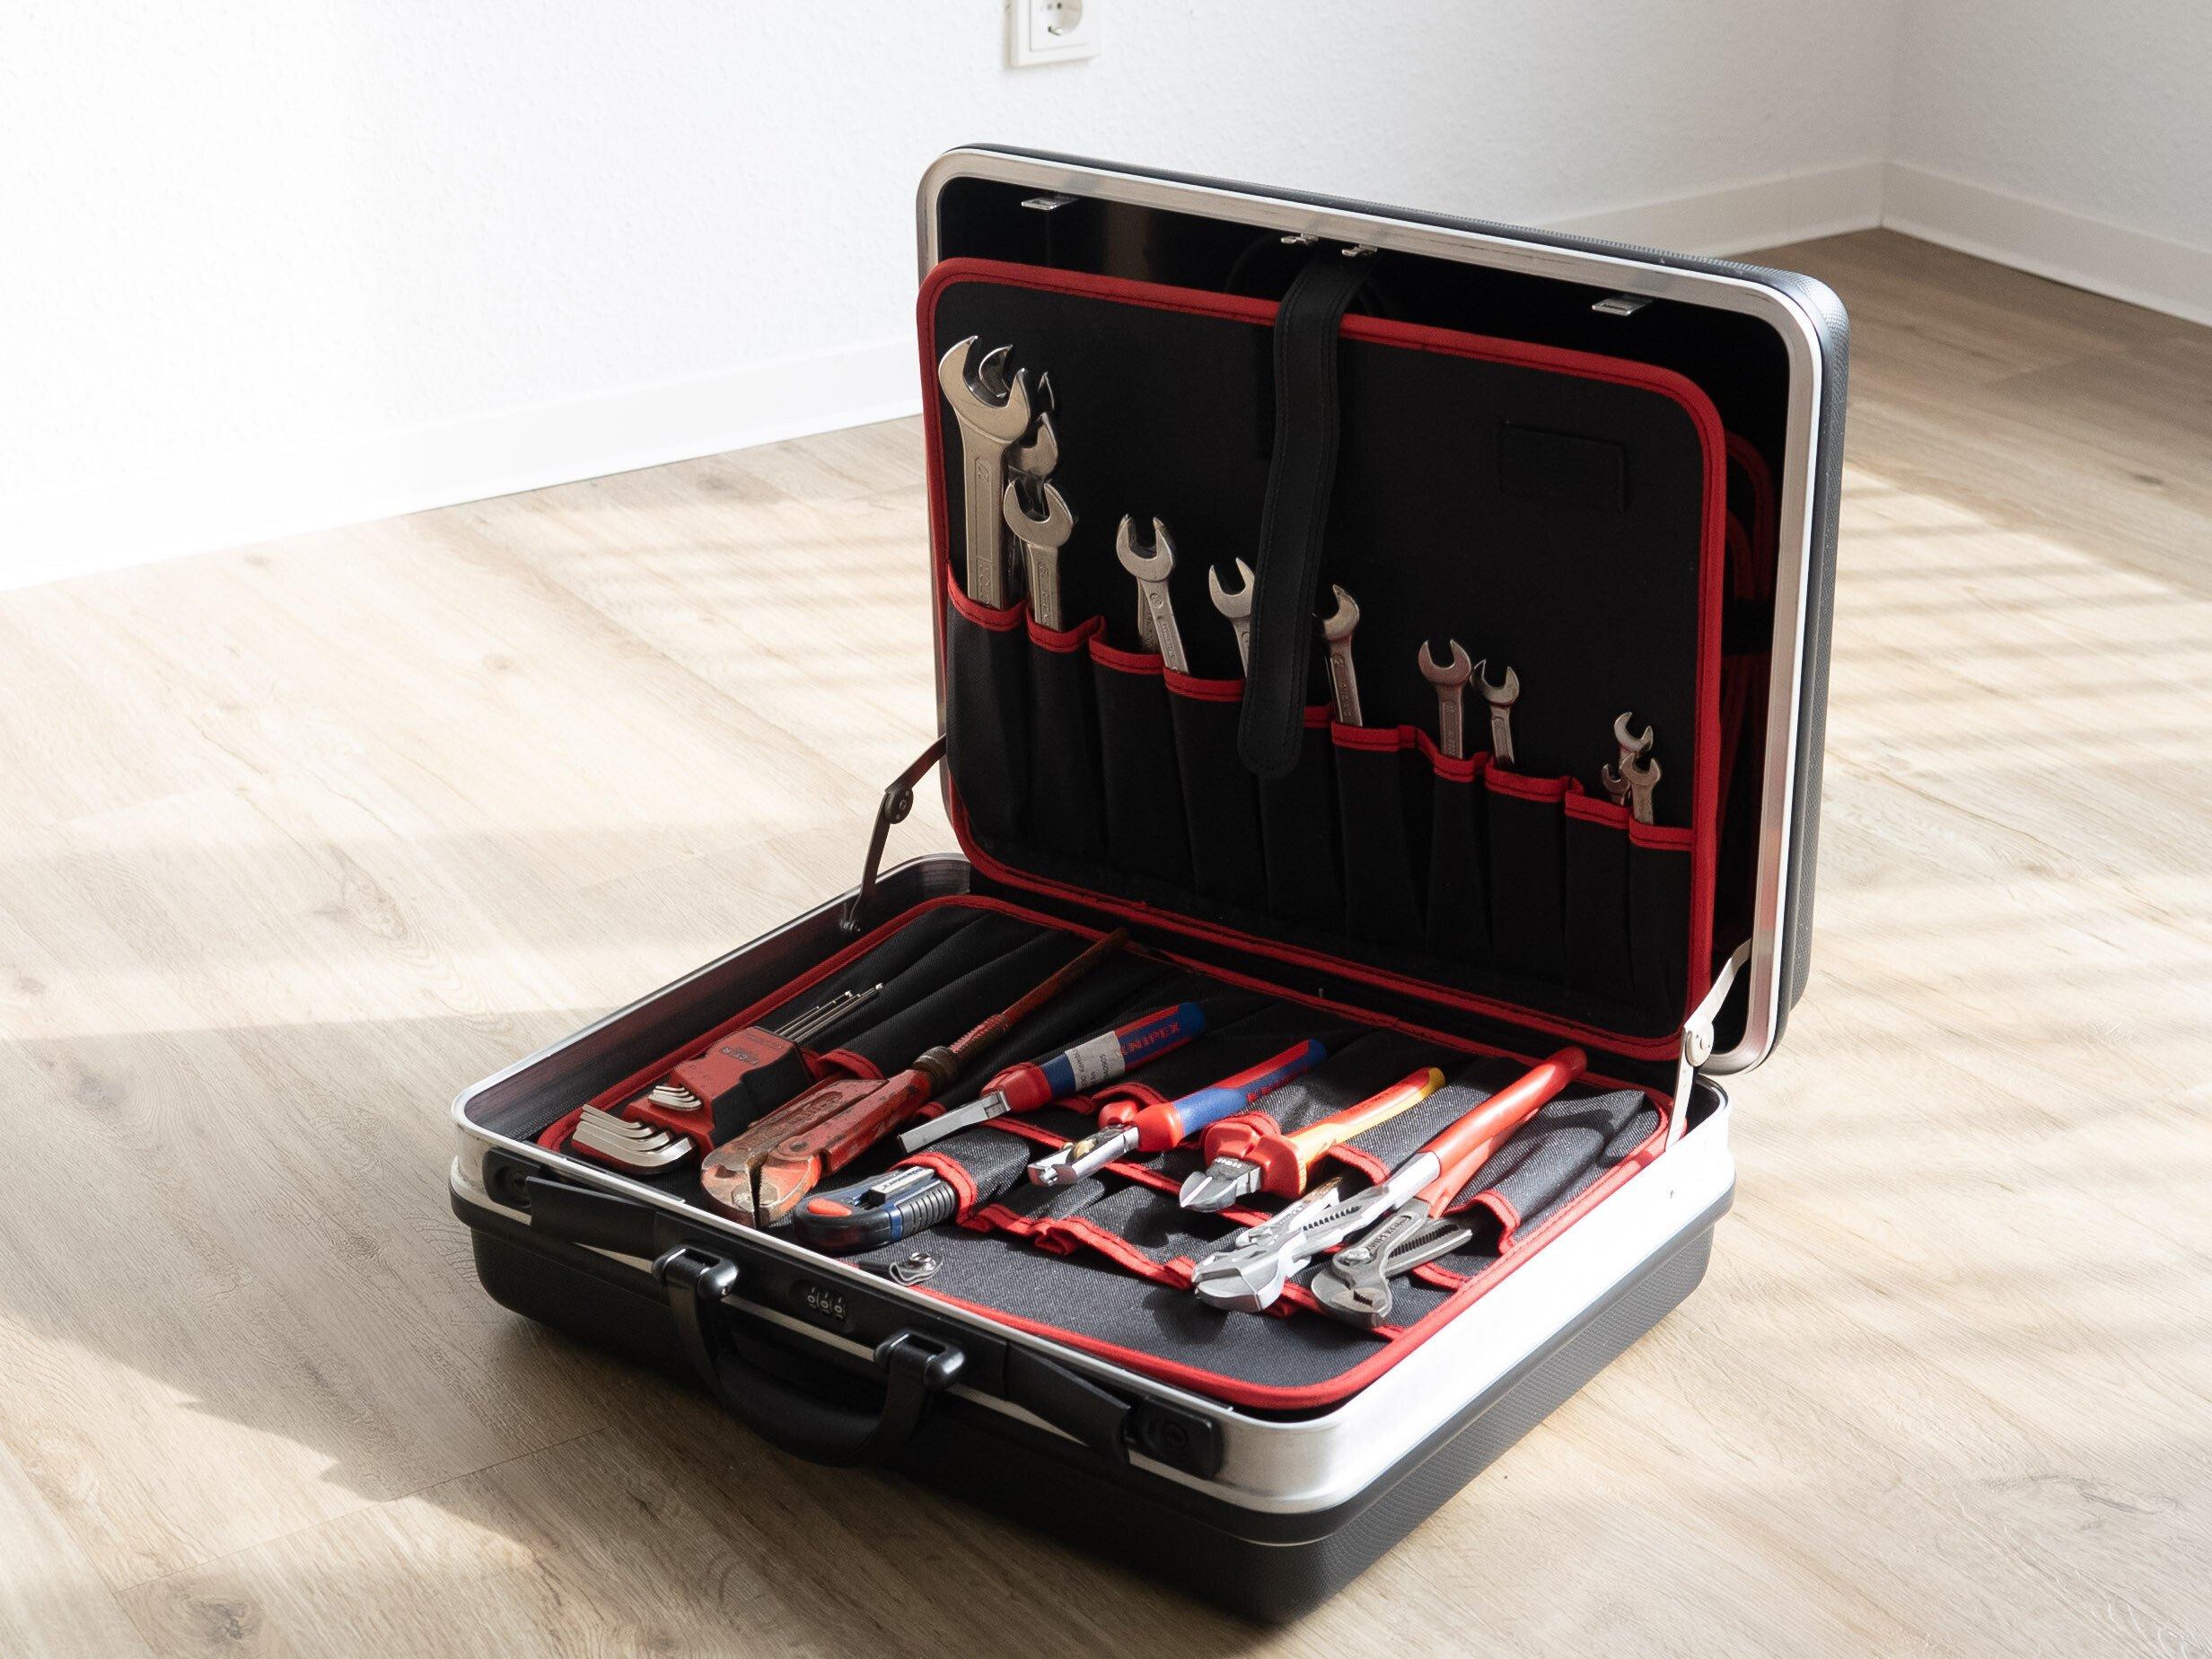 Werkzeugkoffer mit Grundausstattung an Werkzeugen